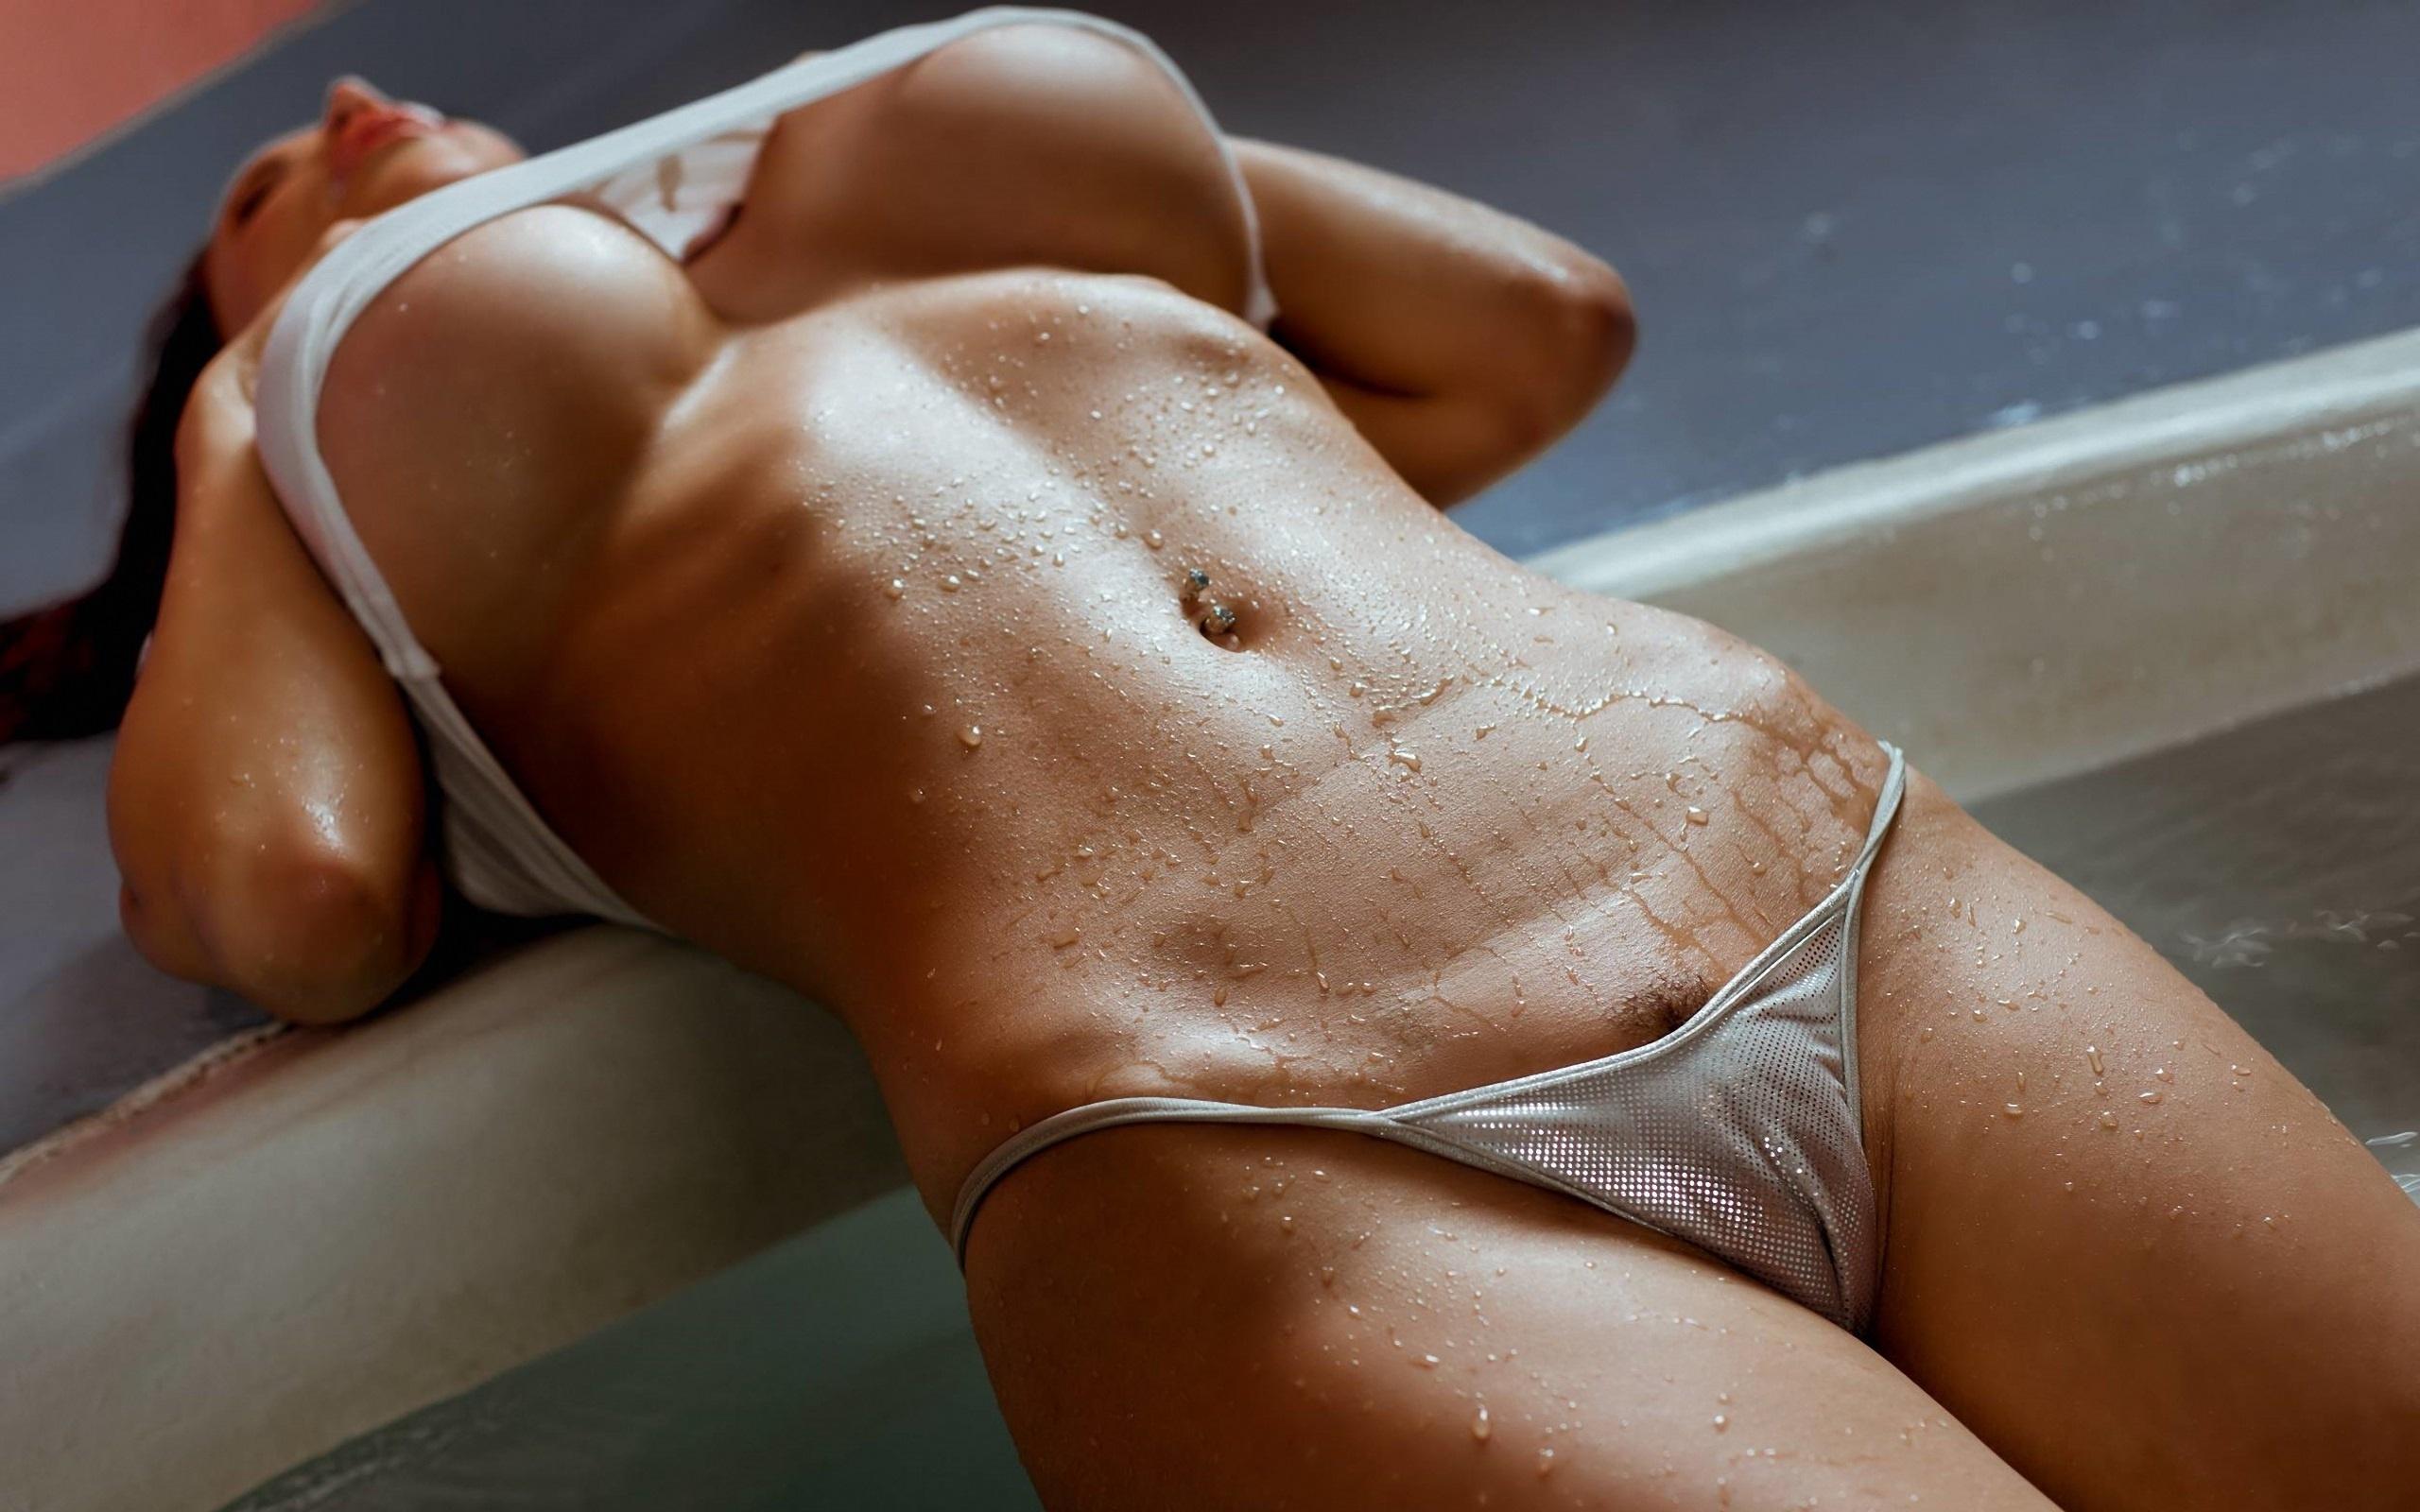 эротика красивое женское тело и попки